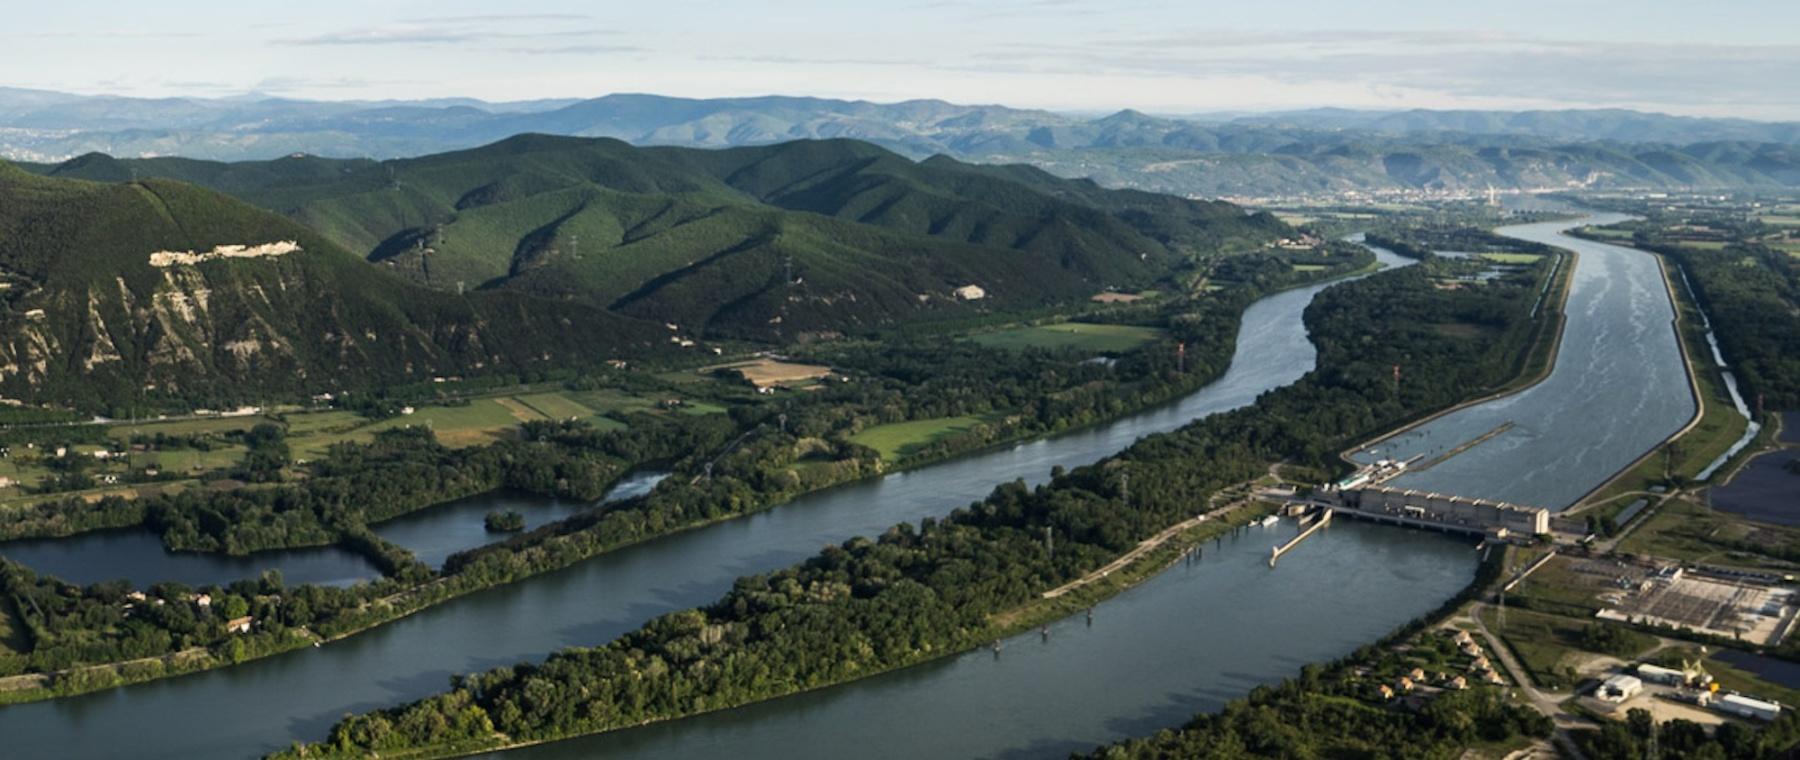 Vue du Rhône avec le Vieux Rhône, le canal et le barrage hydroélectrique de Baix © Tristan Zilberman, 2015